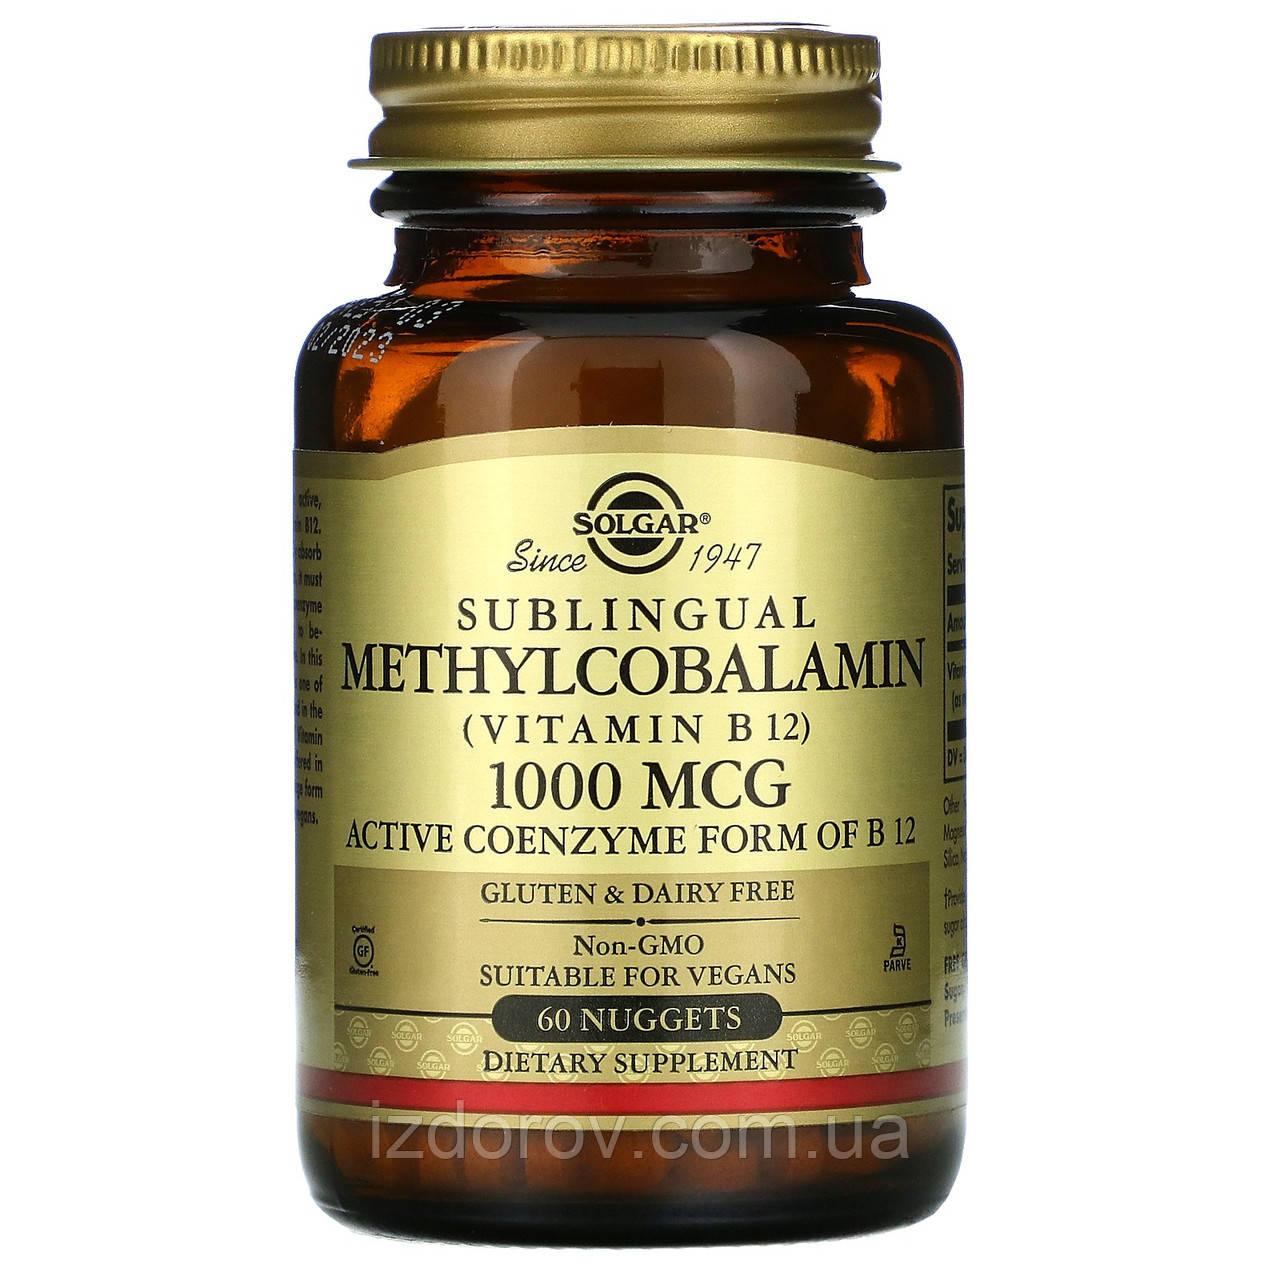 Solgar, Вітамін B12 1000 мкг, сублінгвальних метилкобаламін, 60 таблеток